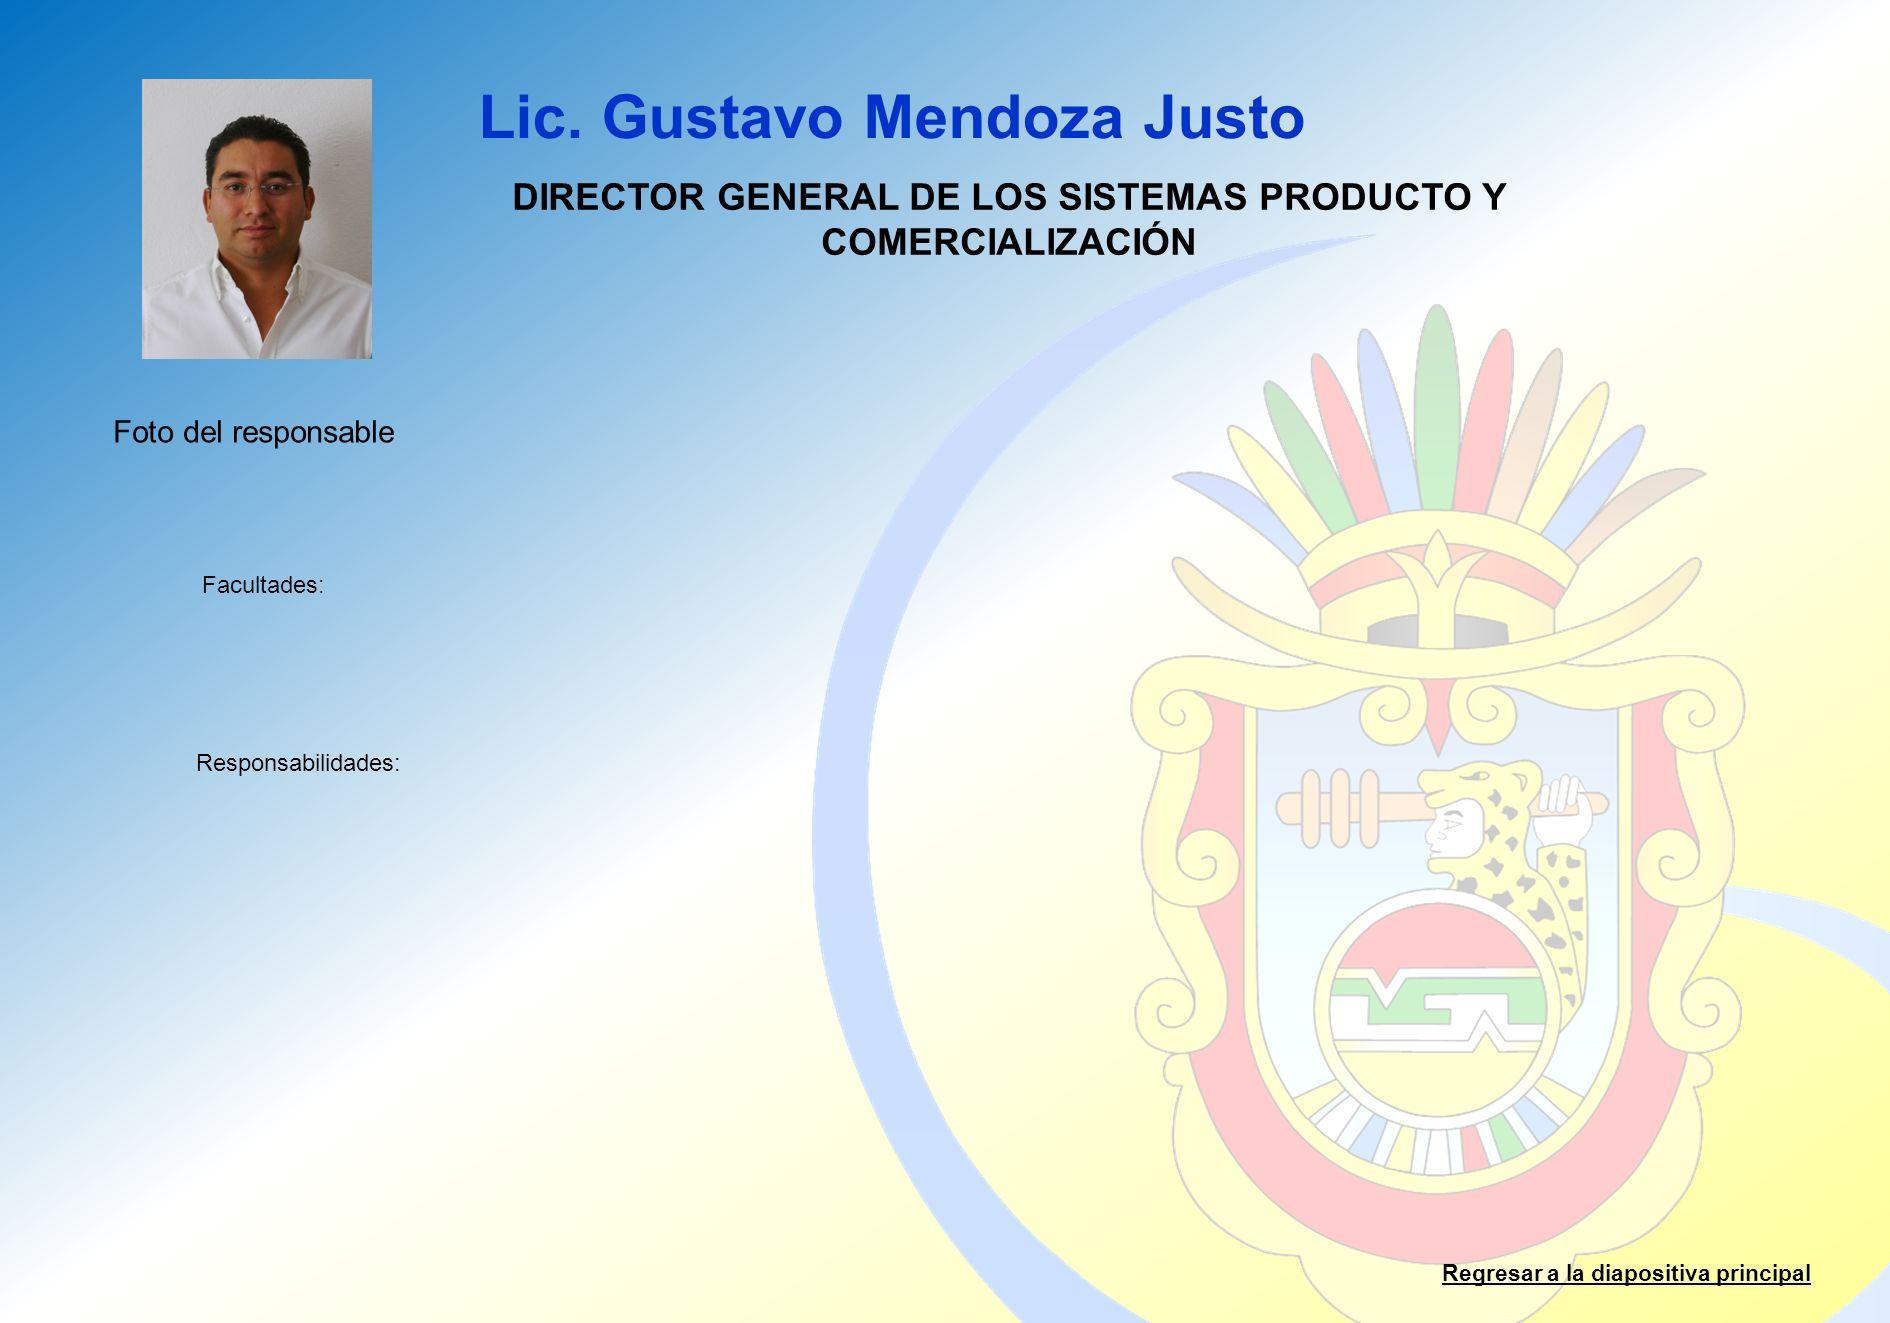 Lic. Gustavo Mendoza Justo Facultades: Responsabilidades: Regresar a la diapositiva principal DIRECTOR GENERAL DE LOS SISTEMAS PRODUCTO Y COMERCIALIZA